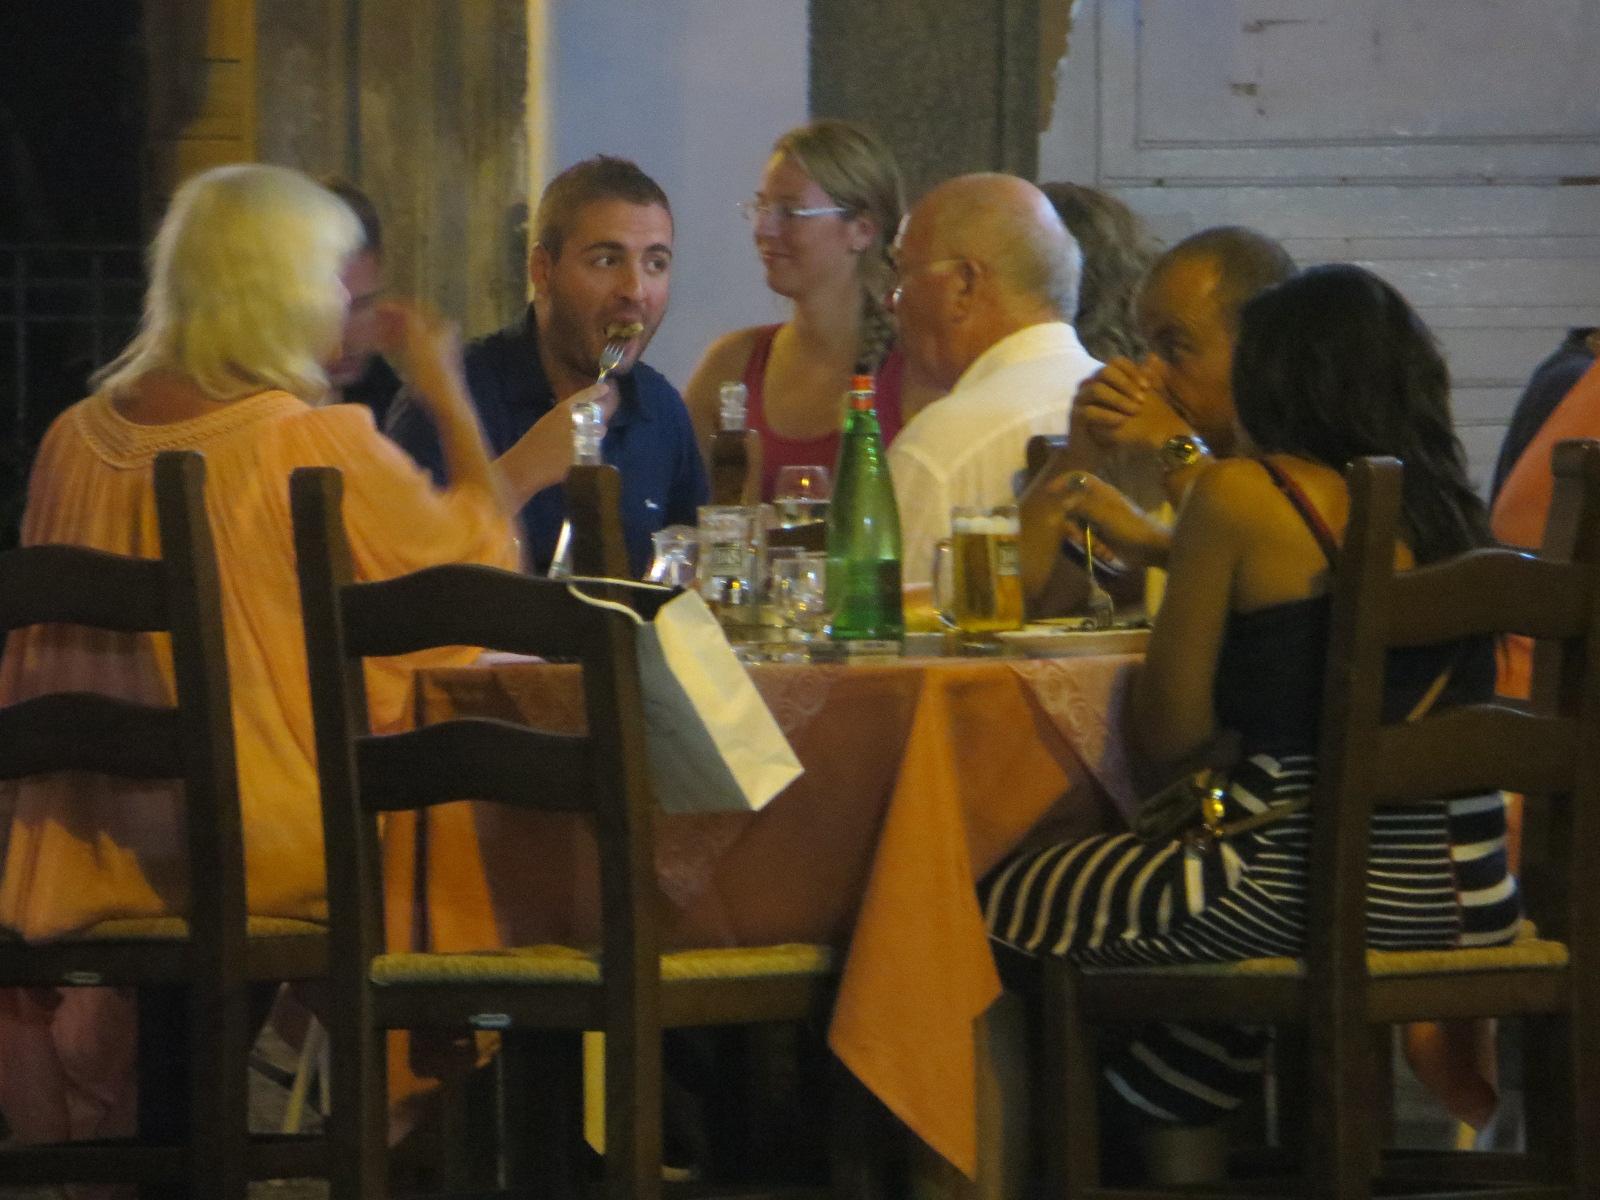 Аудиоуроки, Немецкий язык, вечеринка